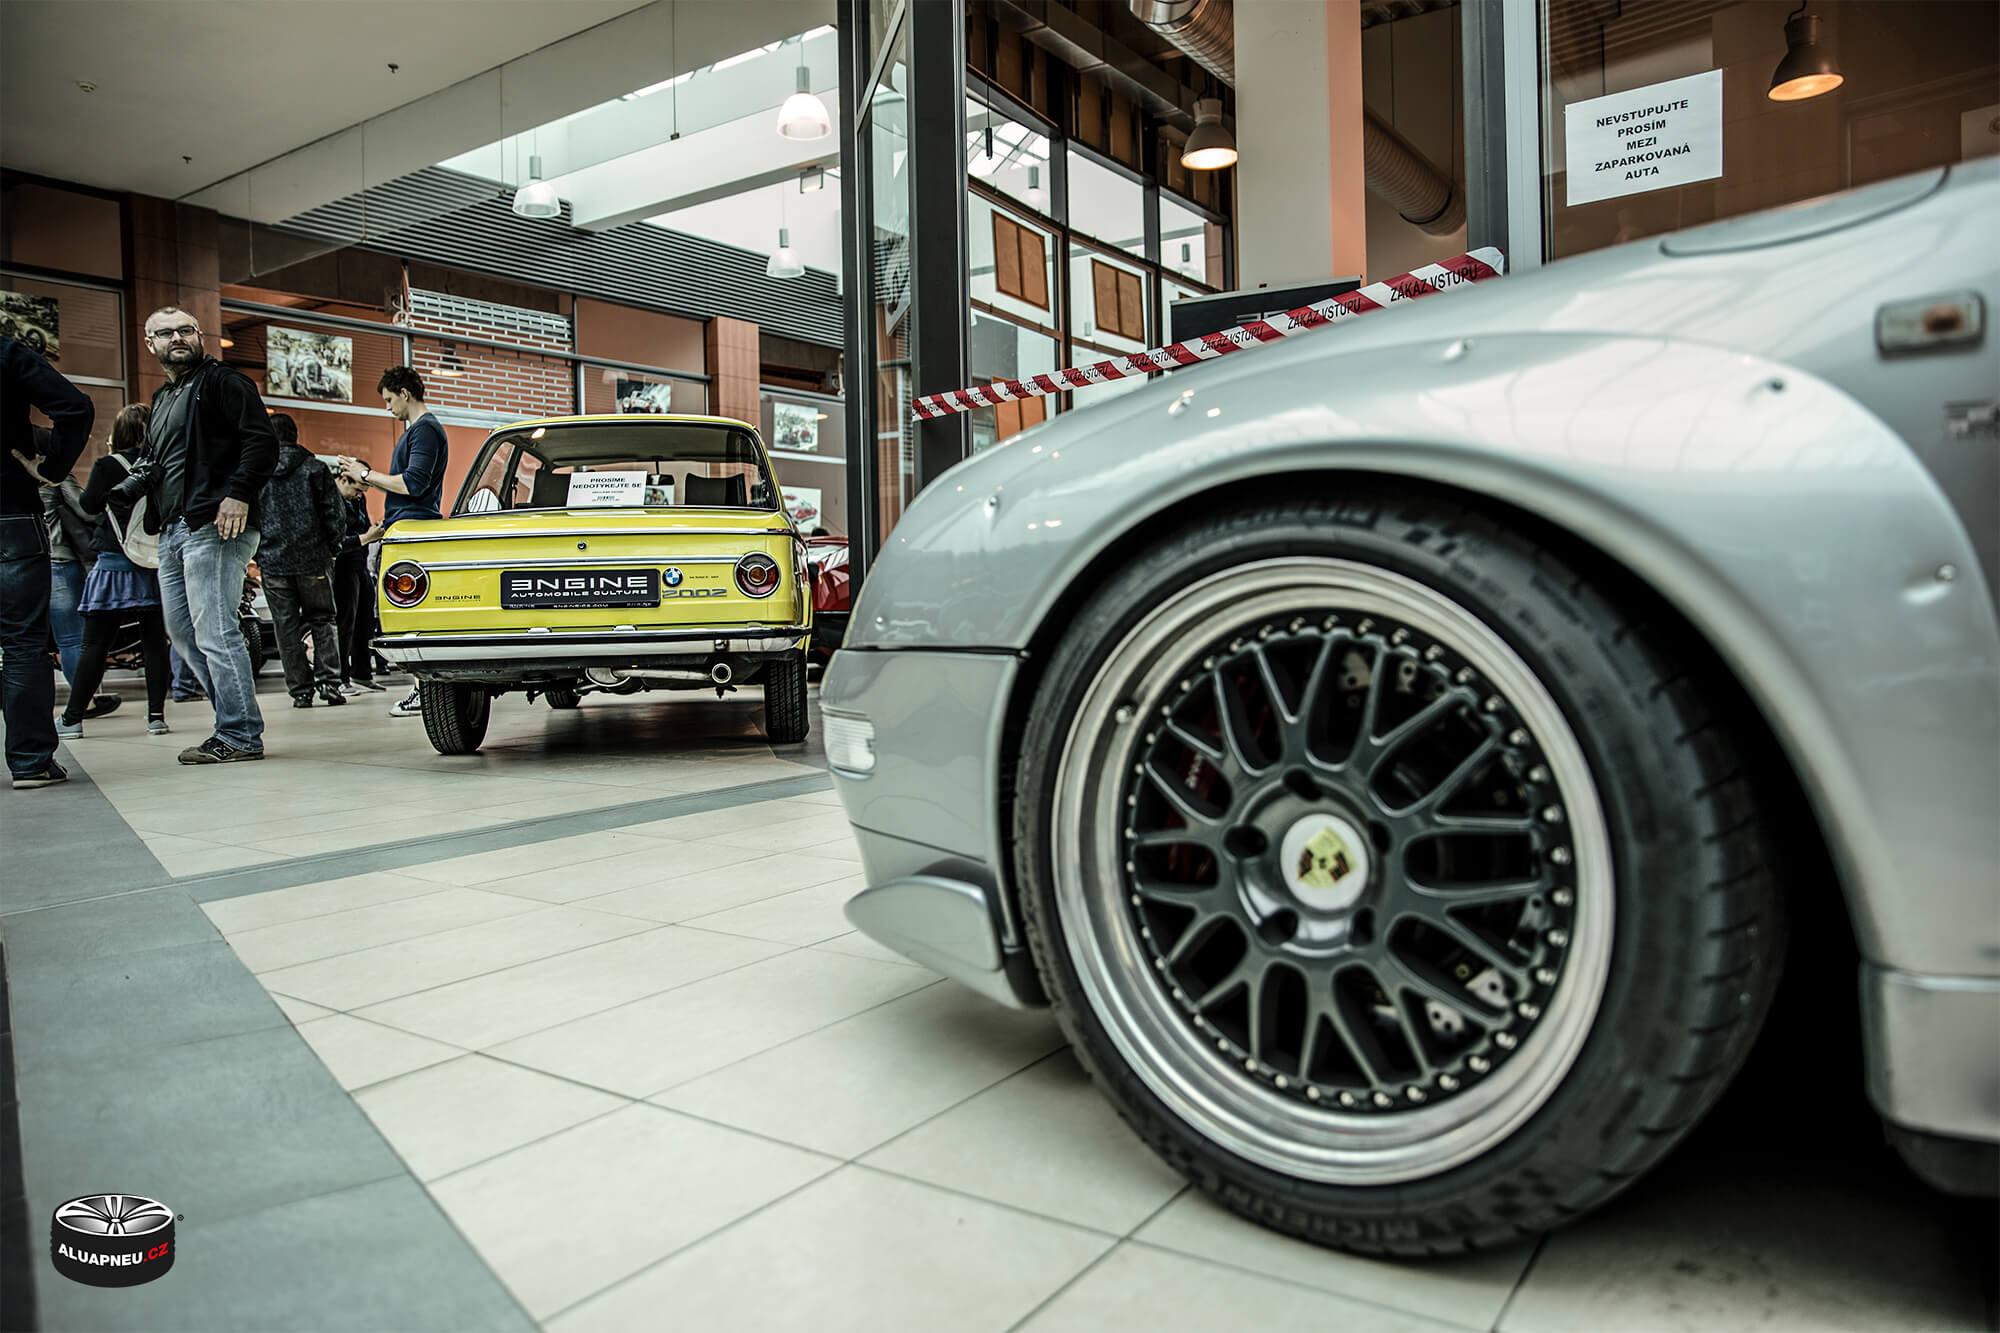 Černá alukola s leštěnými límci - Porsche - Youngtimer - www.aluapneu.cz